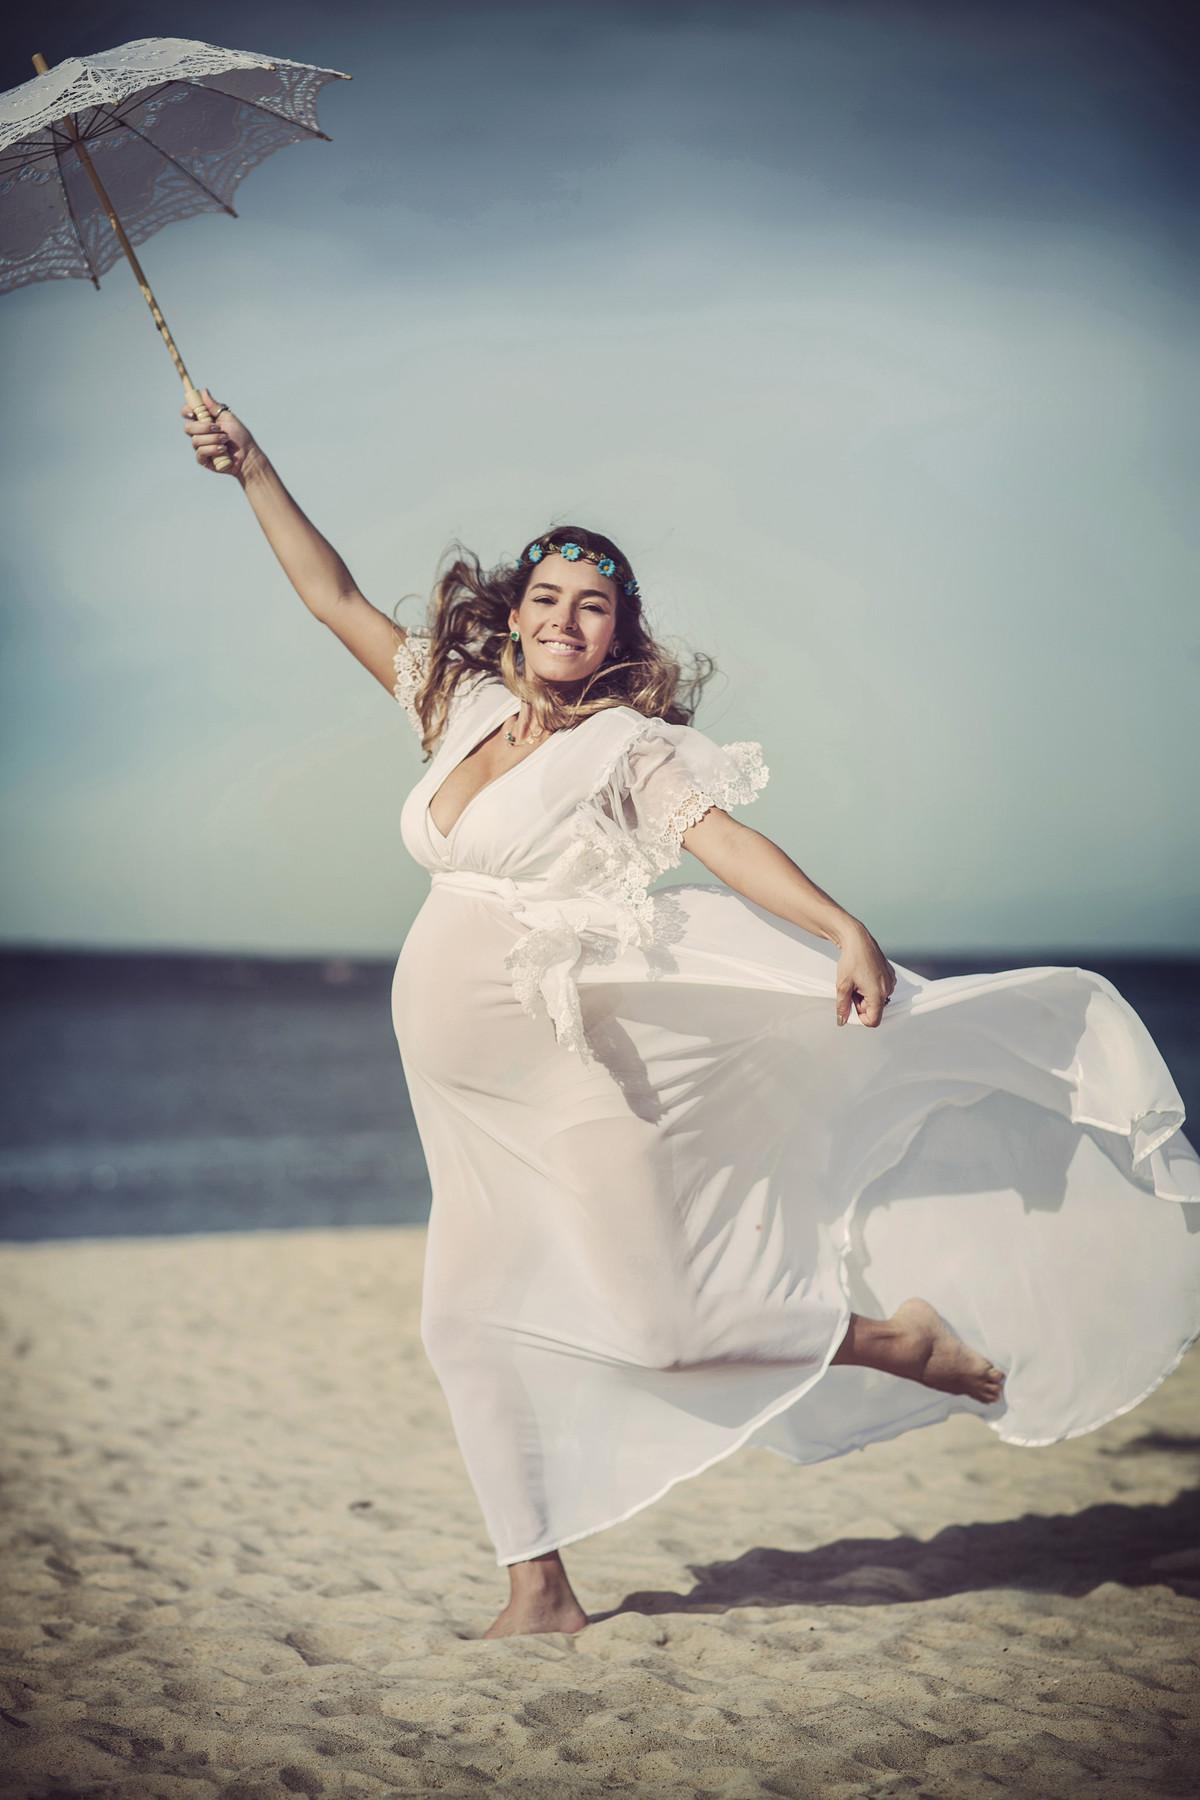 Grávida pulando segurando uma sombrinha branca de renda. Fotografado pelo fotógrafo de gestantes Rafael Ohana em Manaus-AM